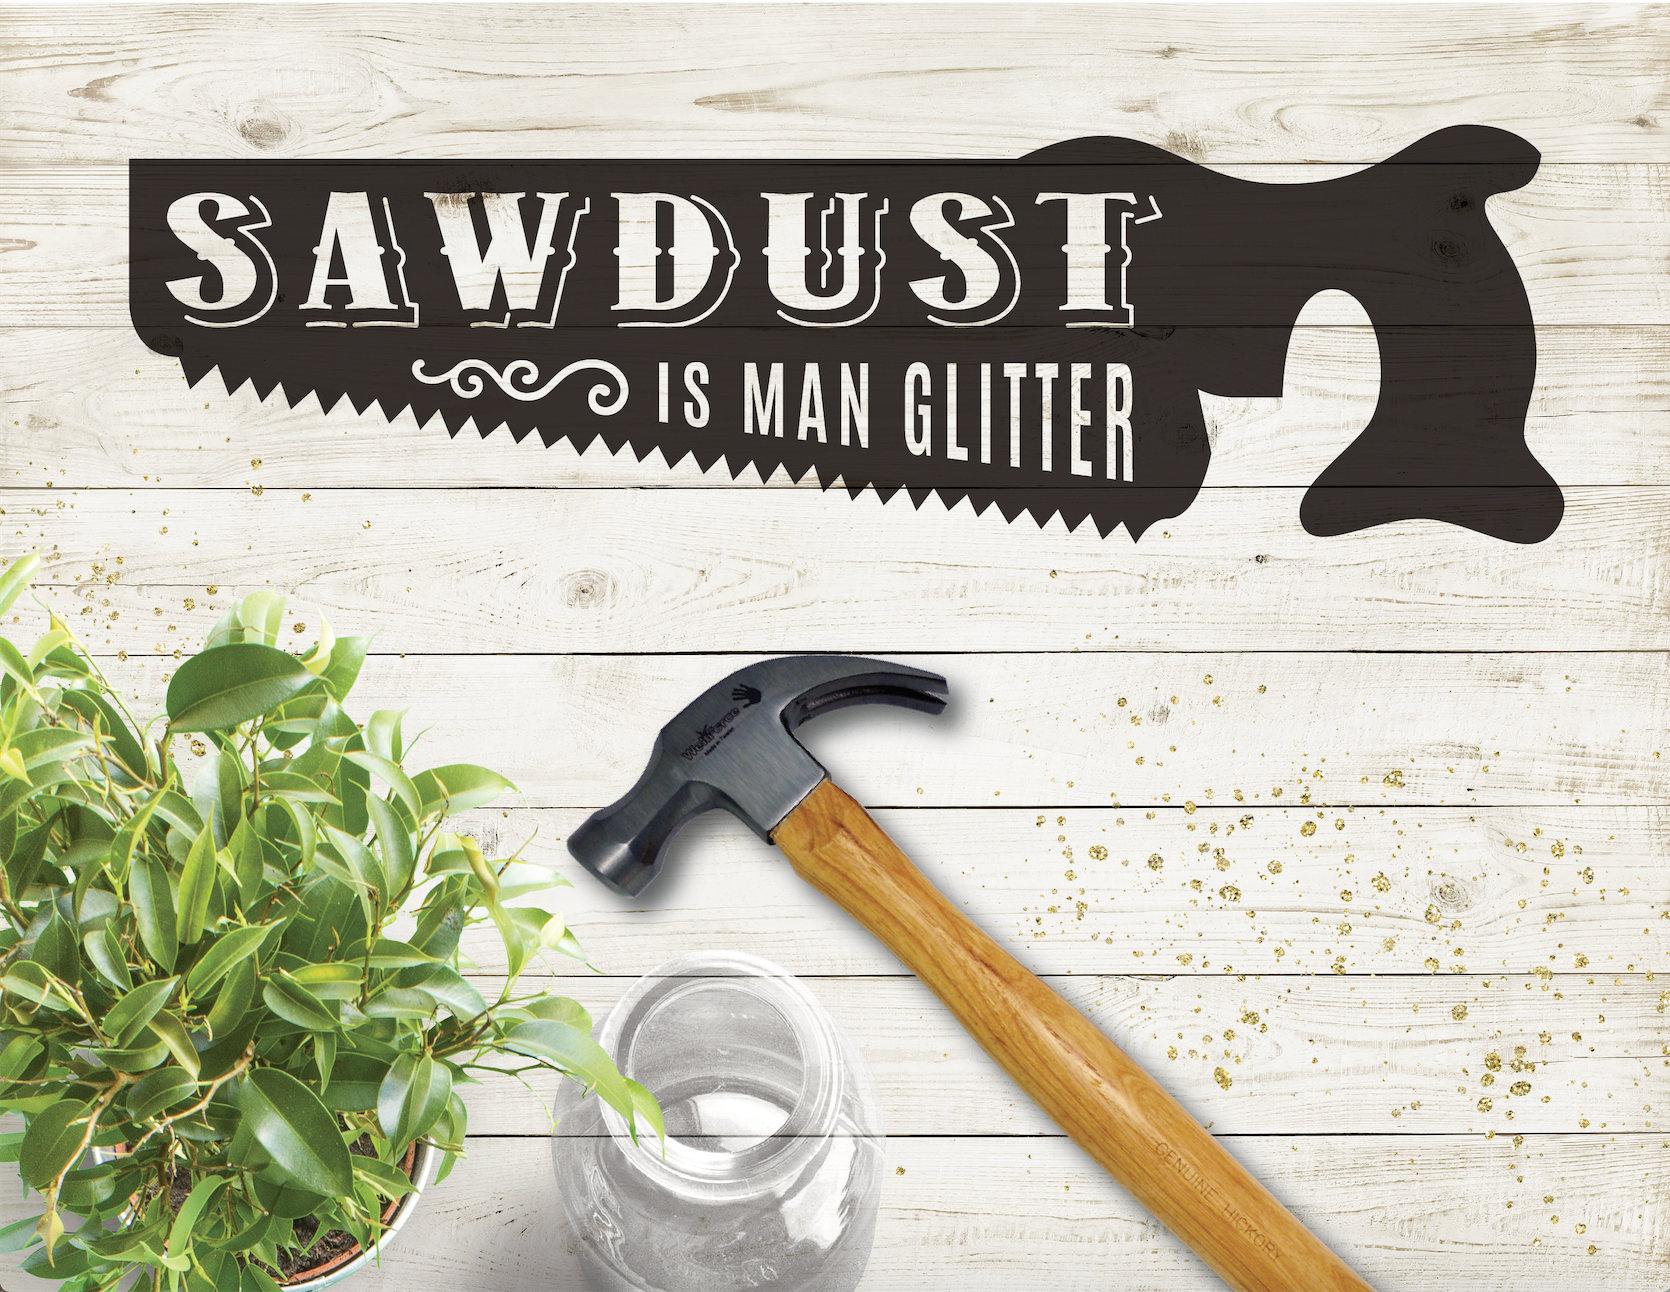 sawdust is man glitter  svg file  cricut file  silhouette file  svg  cut file  rustic cut files